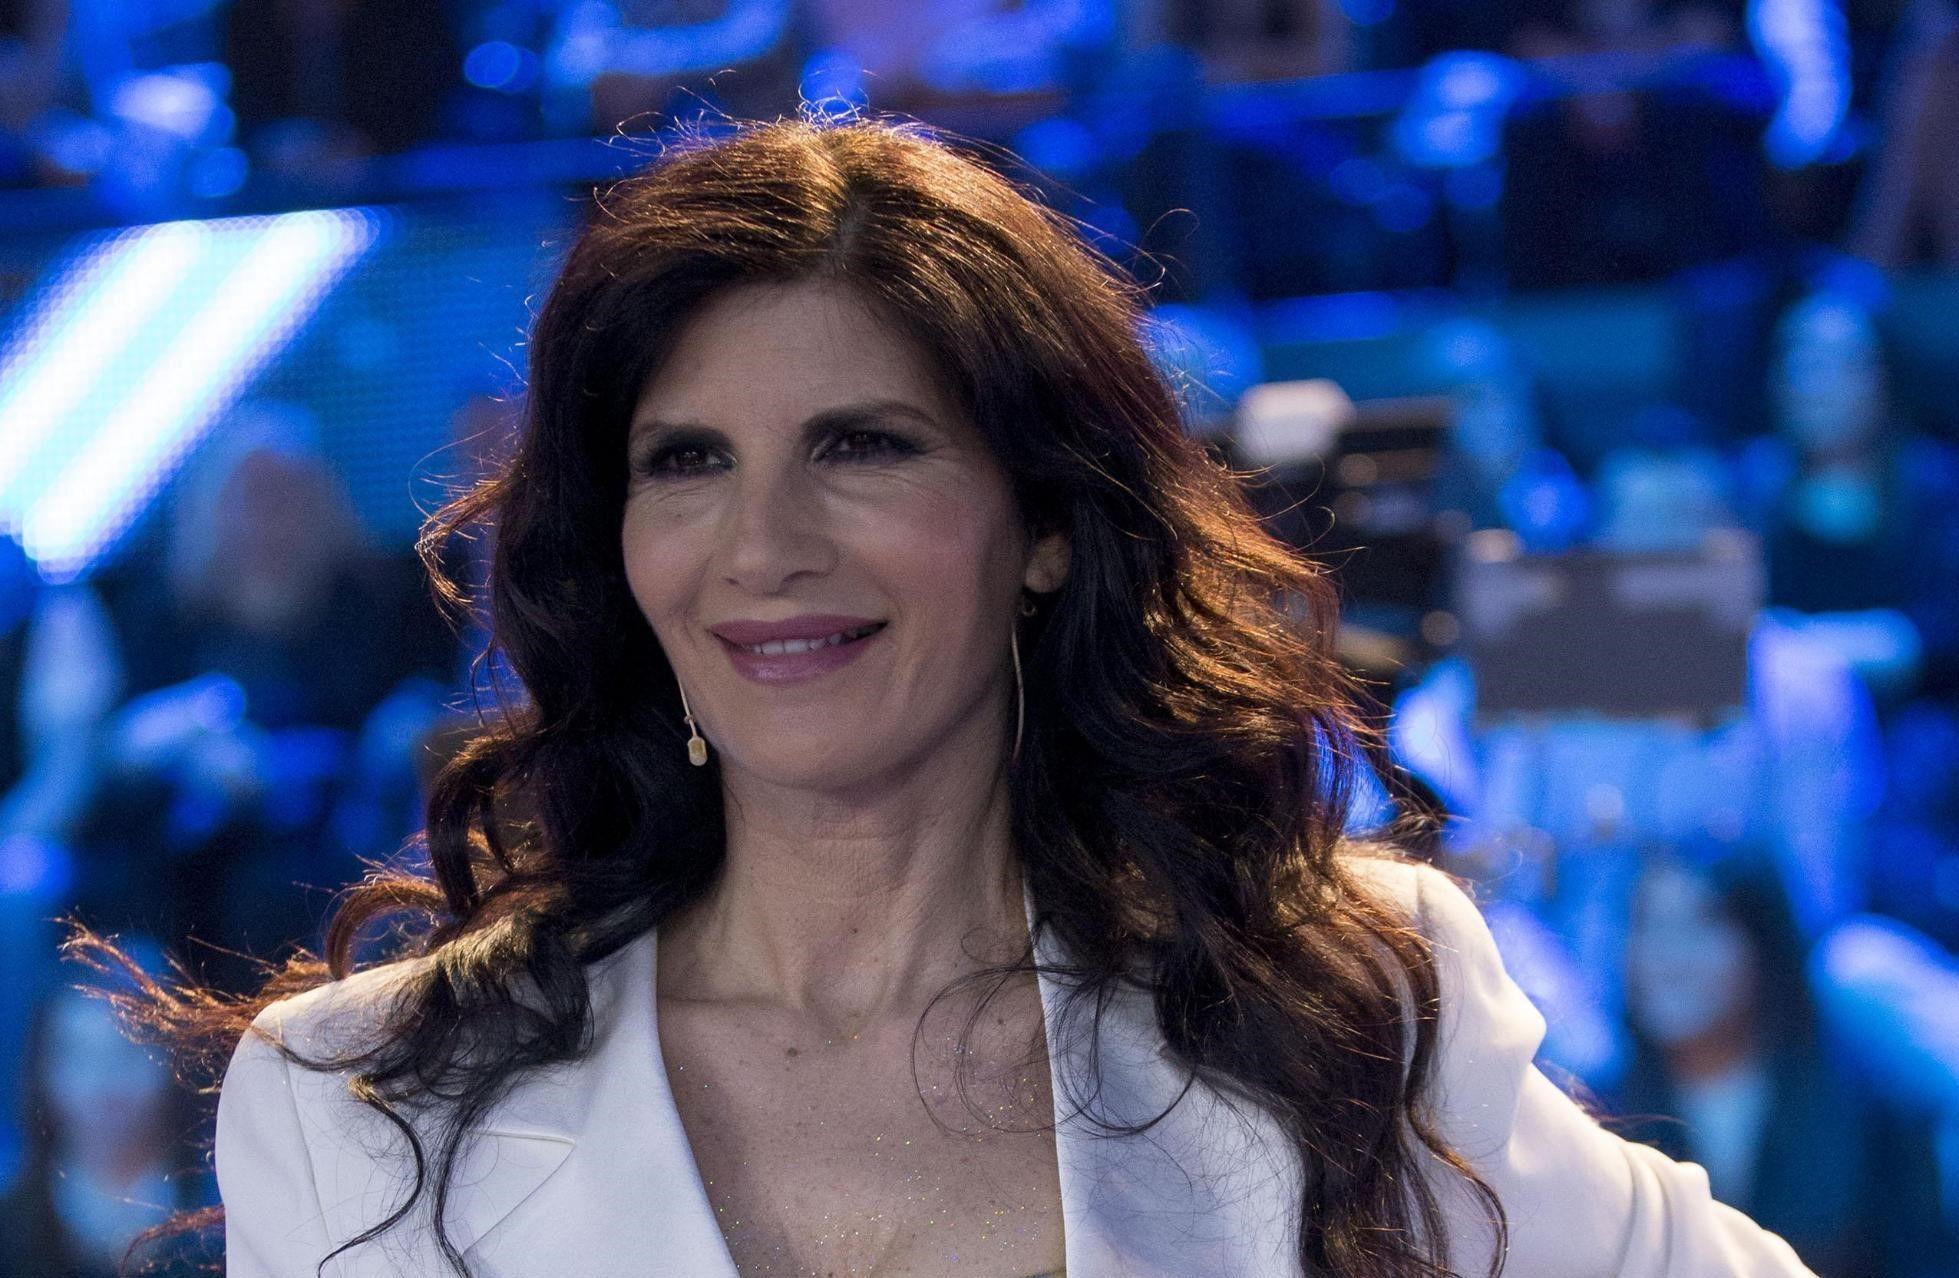 Pamela Prati: 'Marco Caltagirone è il grande amore, abbiamo due bambini in affido'